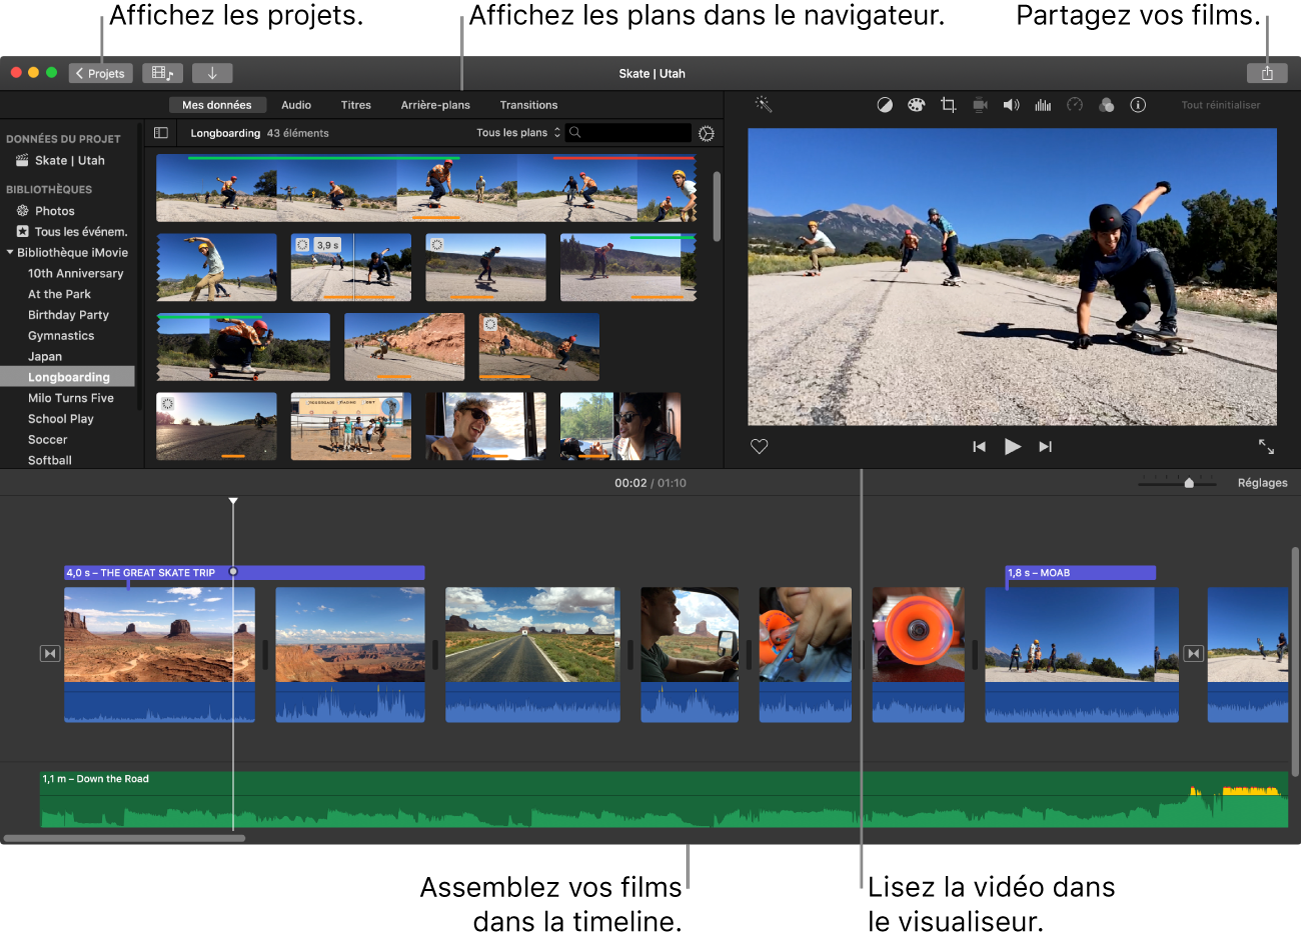 Fenêtre principale d'iMovie présentant le navigateur dans le coin supérieur gauche, le visualiseur dans le coin supérieur droit, et la timeline en bas